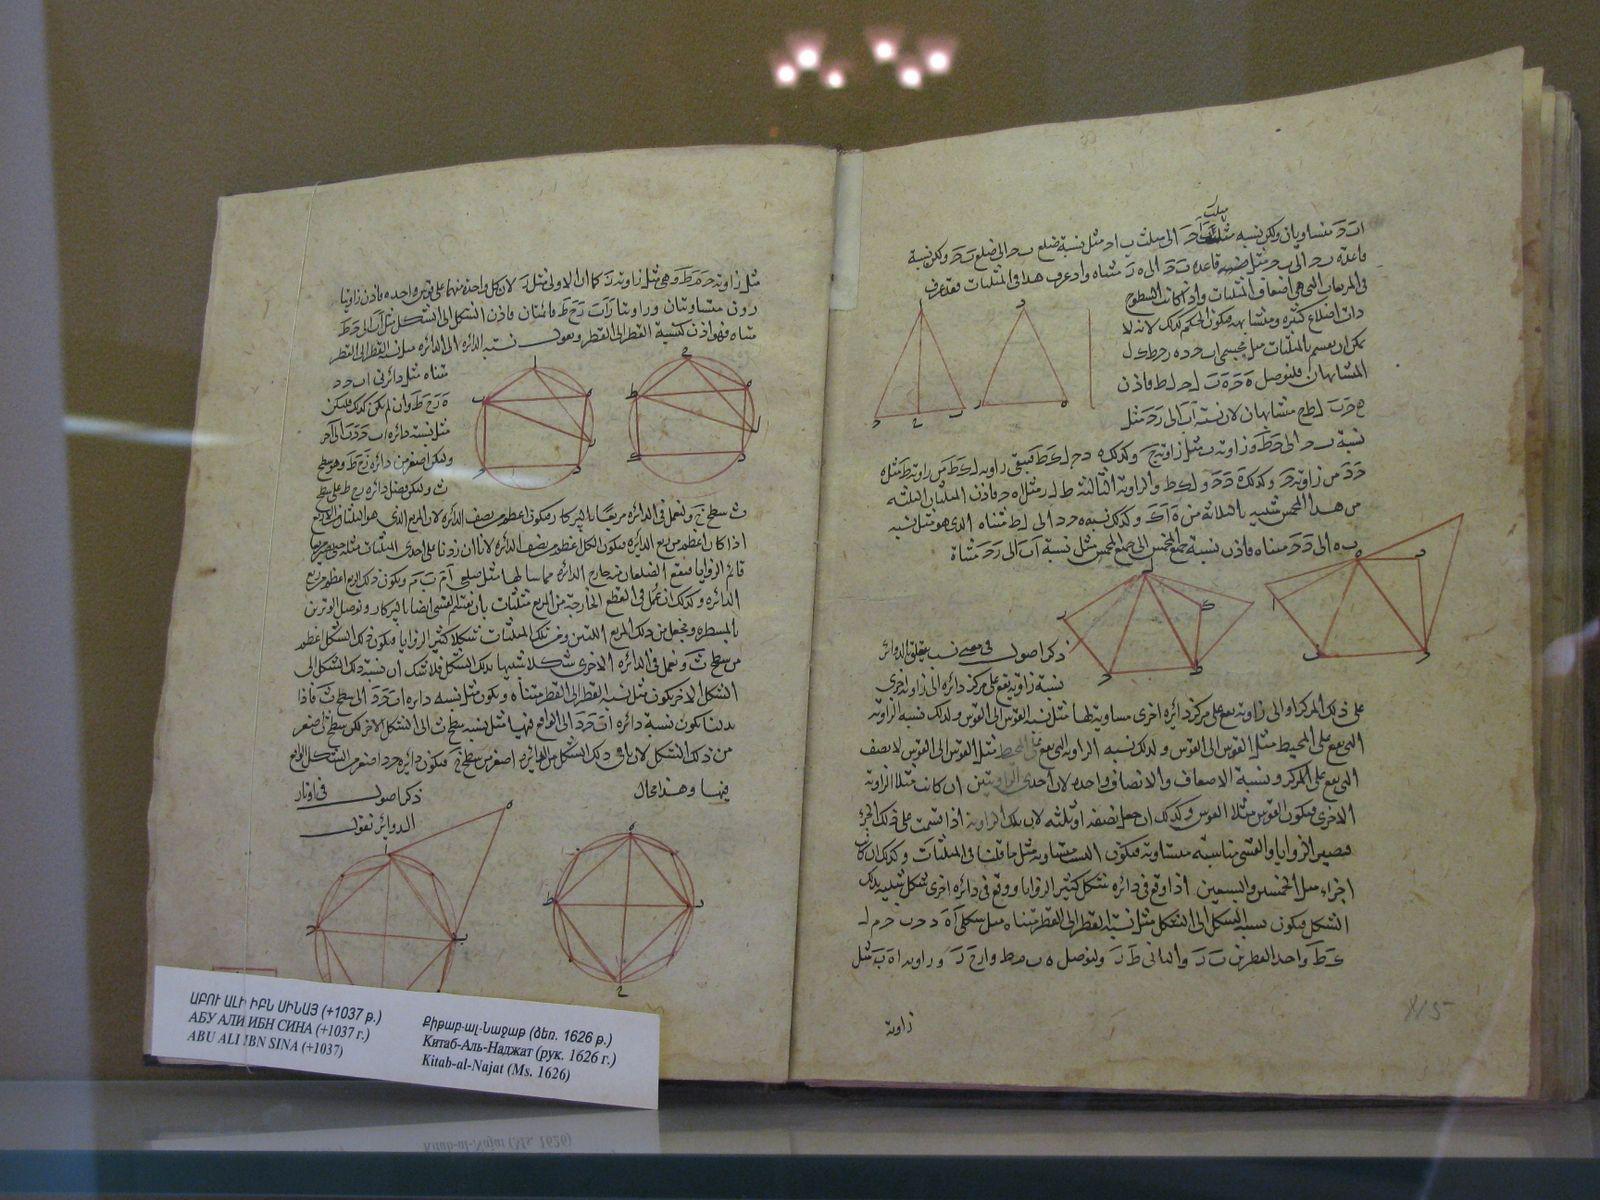 Matenadaran Manuscript Library, Yerevan, Armenia